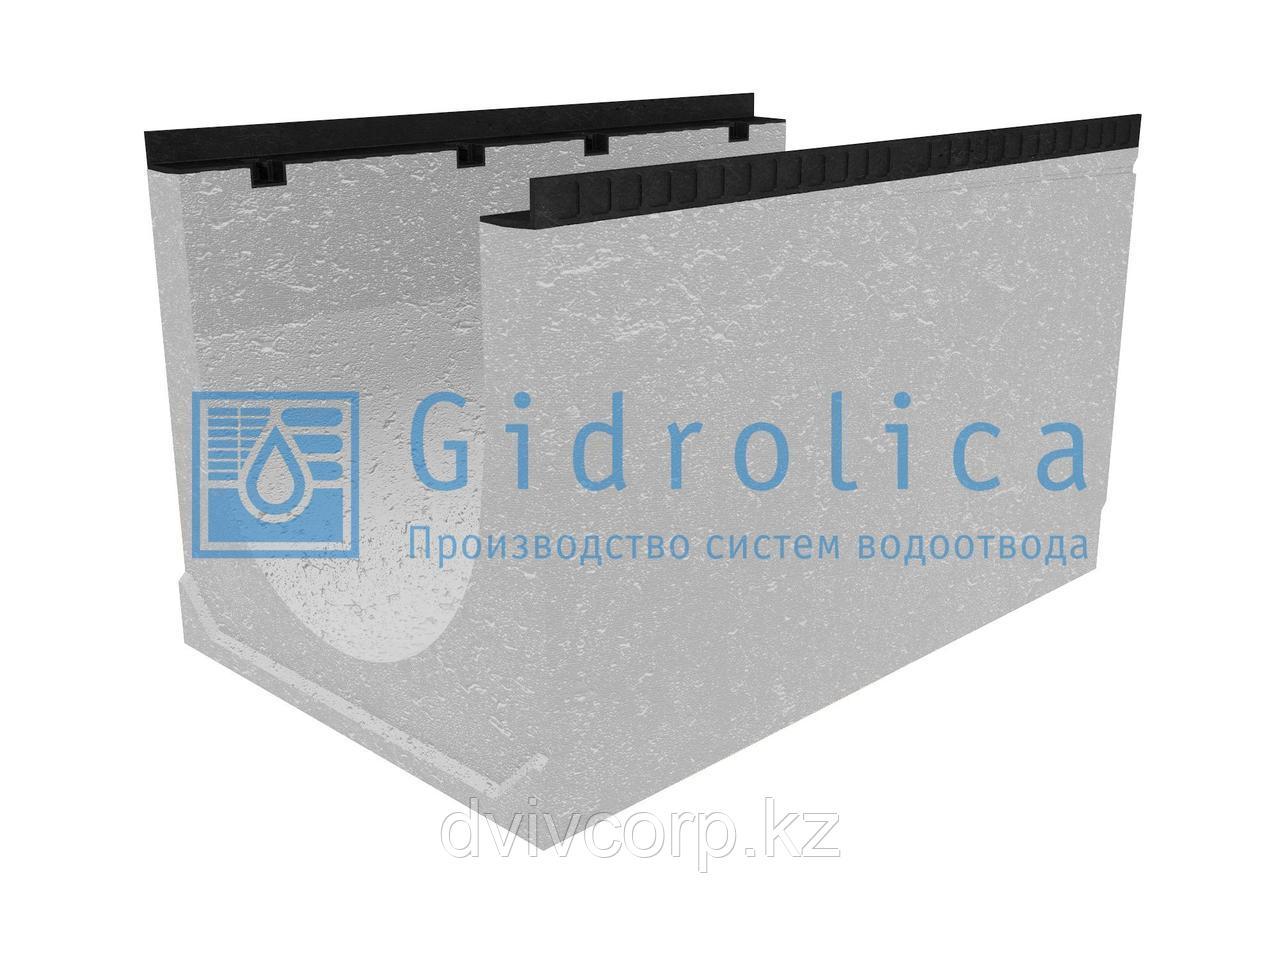 Лоток водоотводный бетонный коробчатый (СО-500мм)КU 100.65(50).60(51) - BGМ, № 30-0